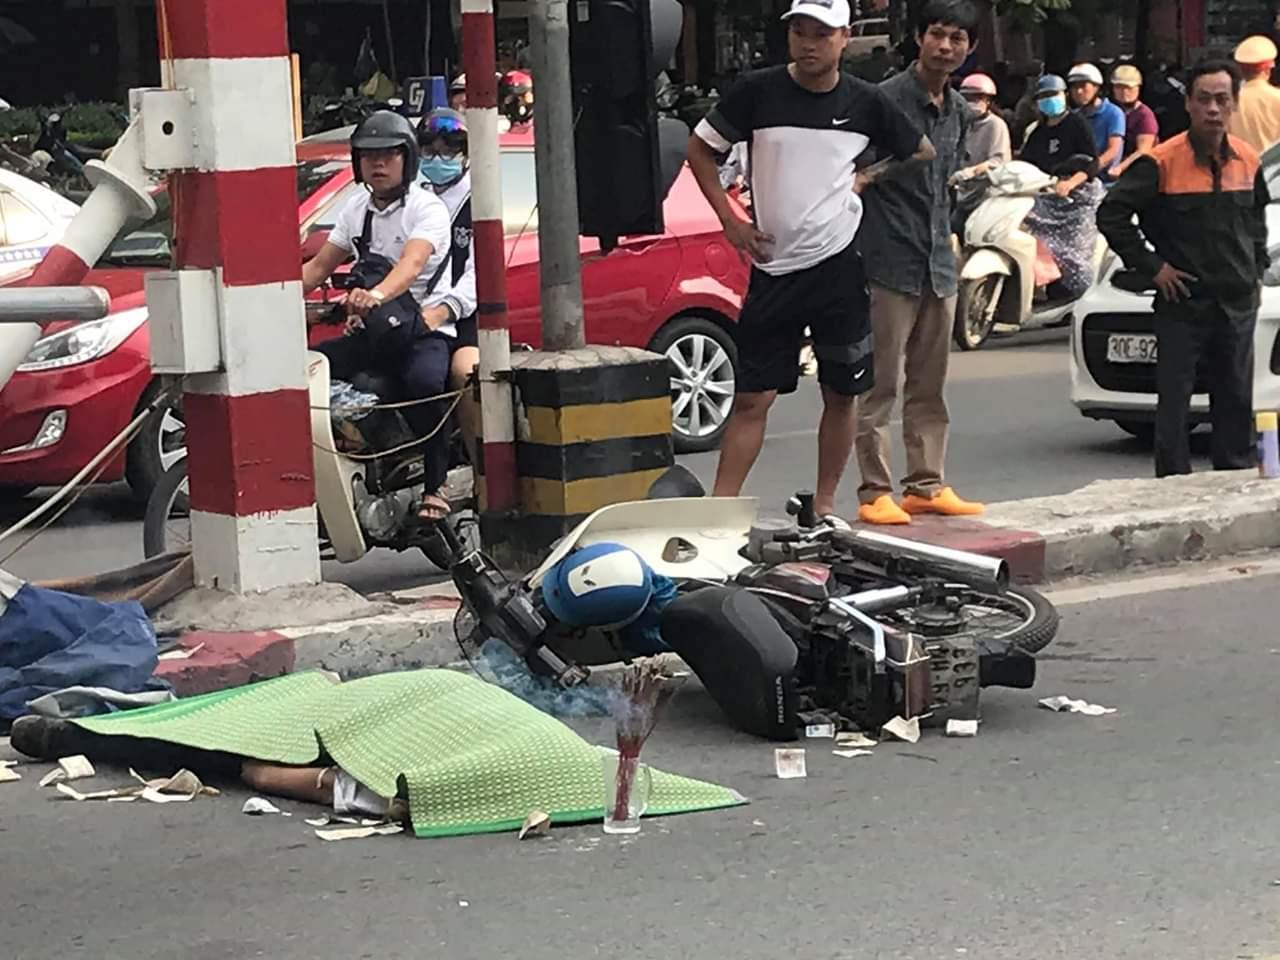 Hà Nội: Xe máy đâm vào trụ cầu vượt Thái Hà, 1 người tử vong Ảnh 2